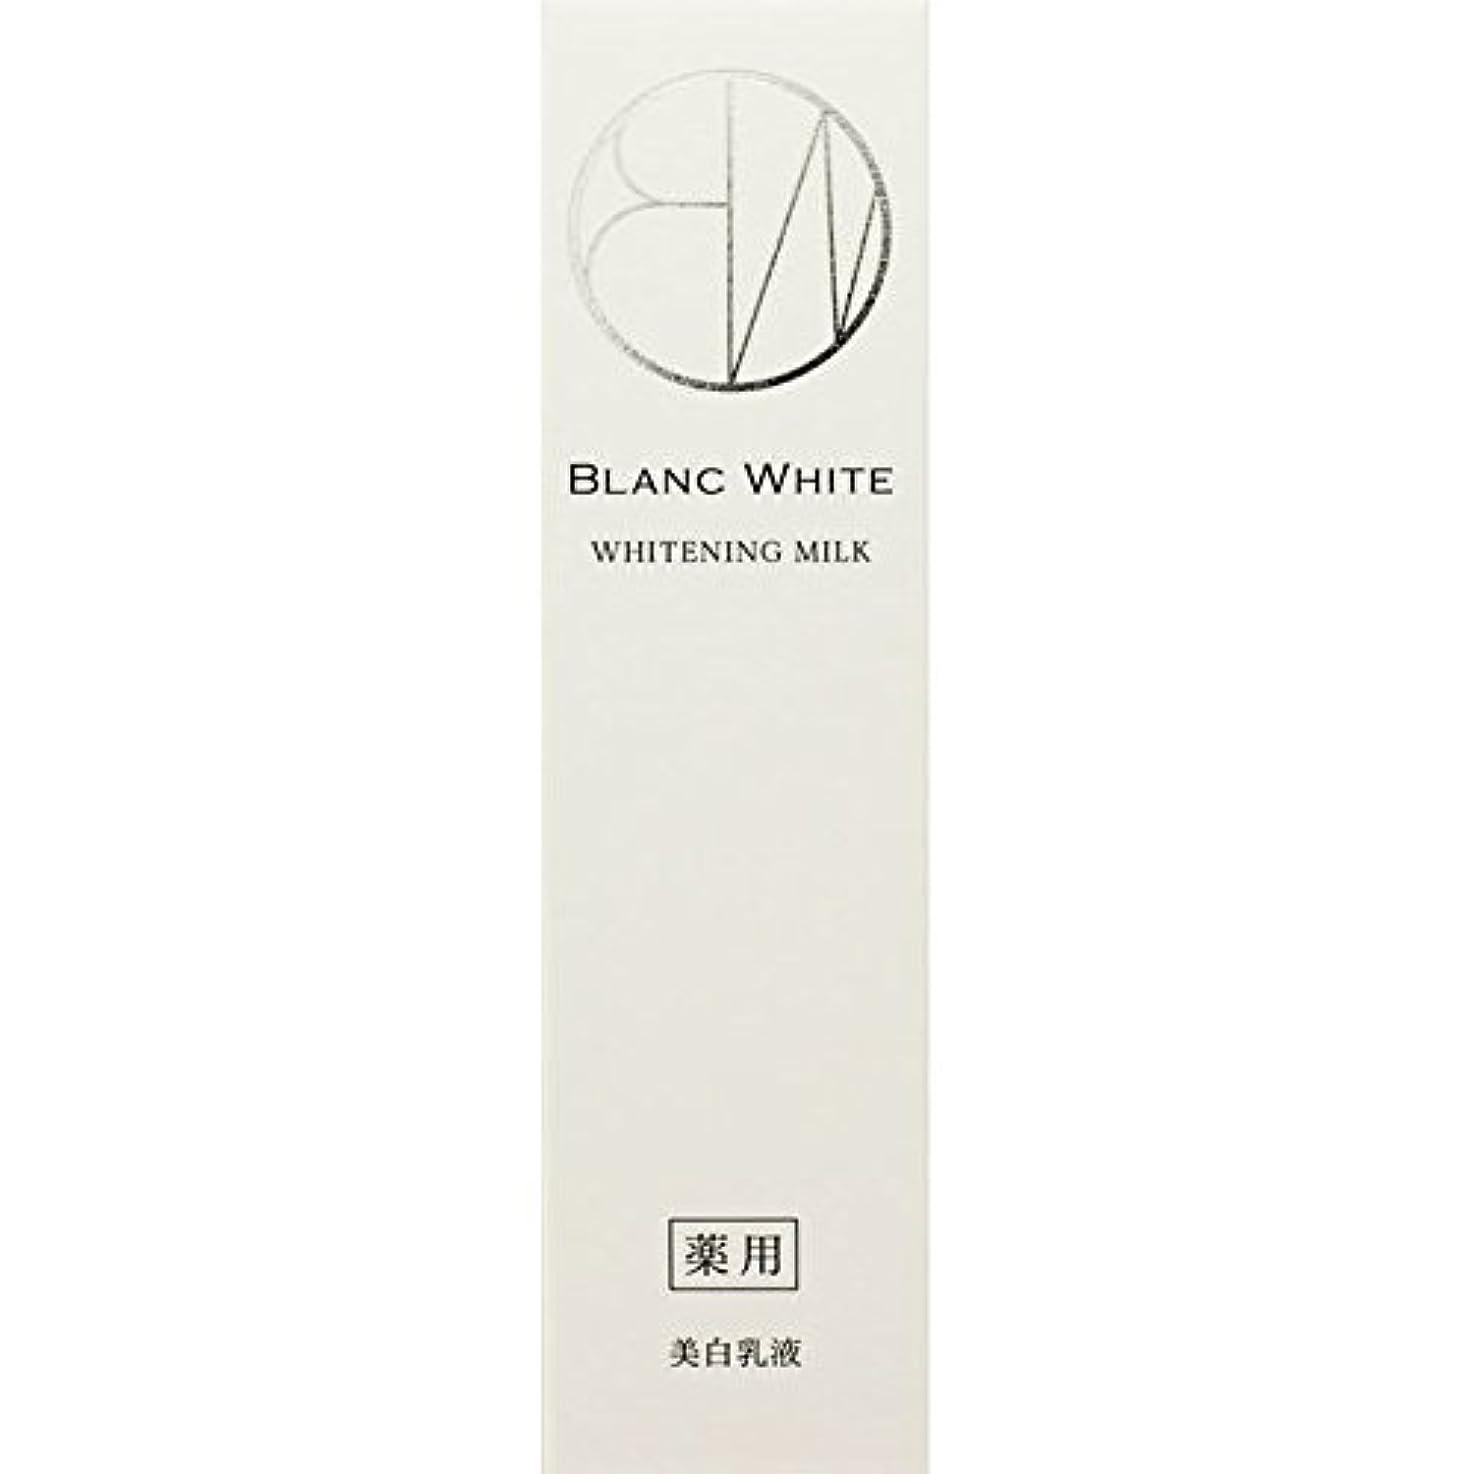 キャンセルスティーブンソンオートブランホワイト ホワイトニングミルク 125ml (医薬部外品)